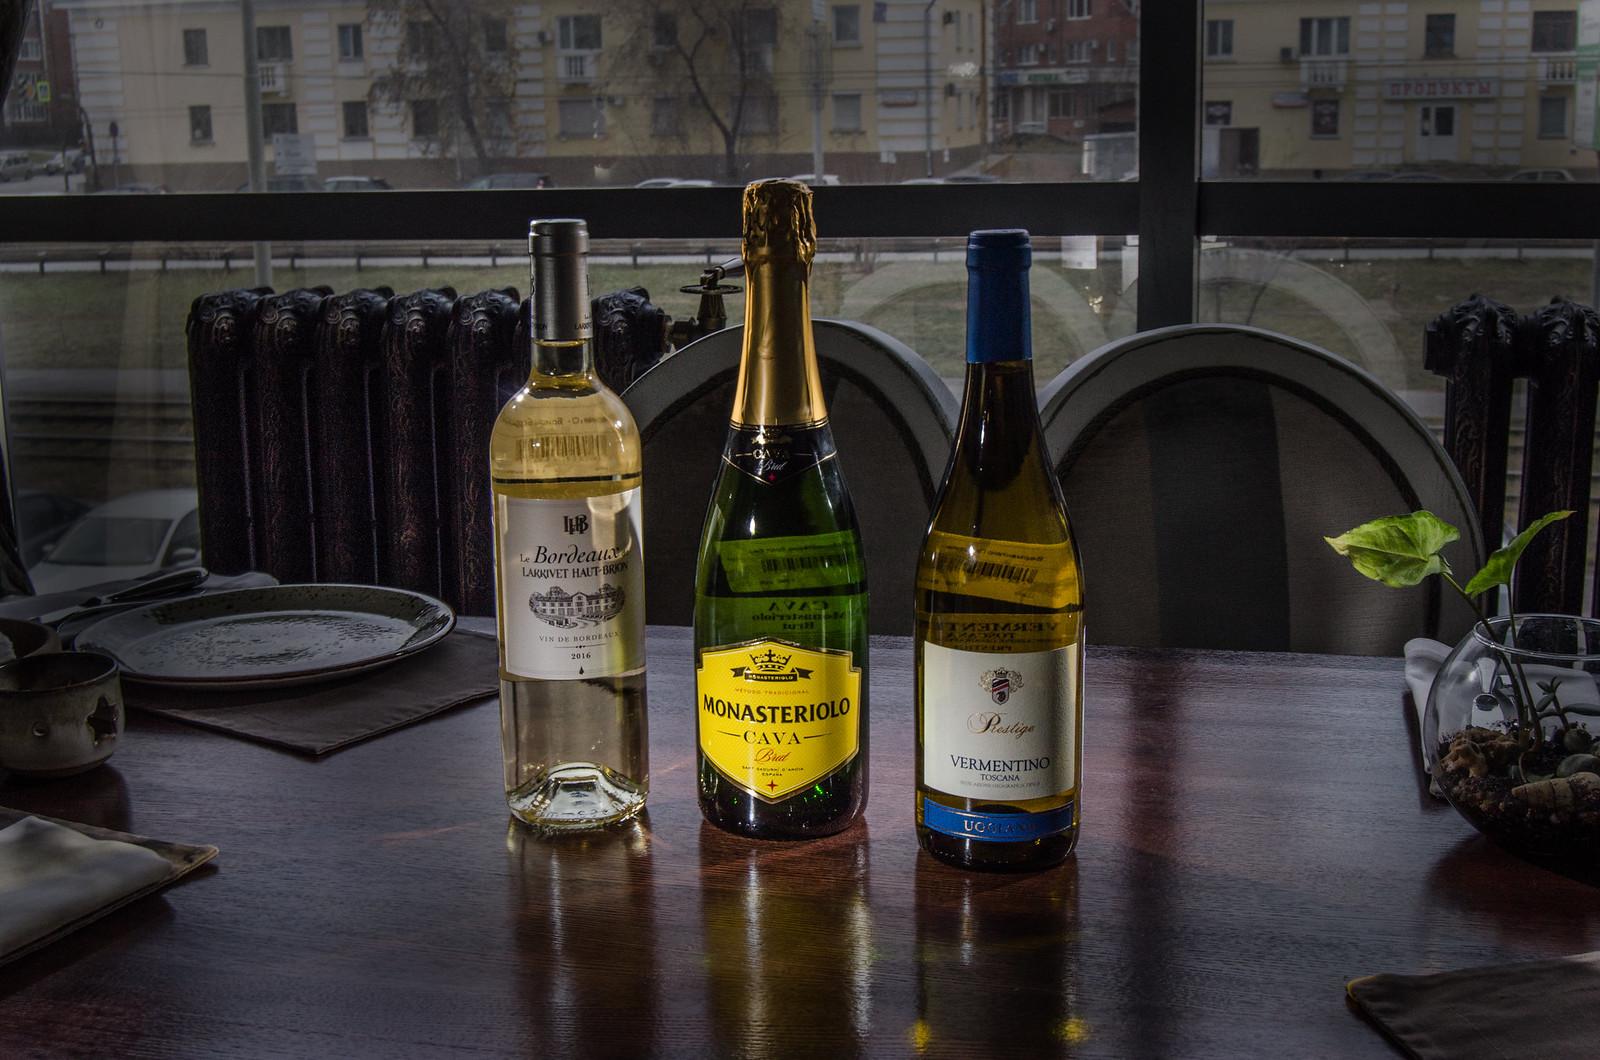 предметный фотограф Екатеринбург - Винотека в Екатеринбурге - Энотека Code de Vino - топ фотограф России